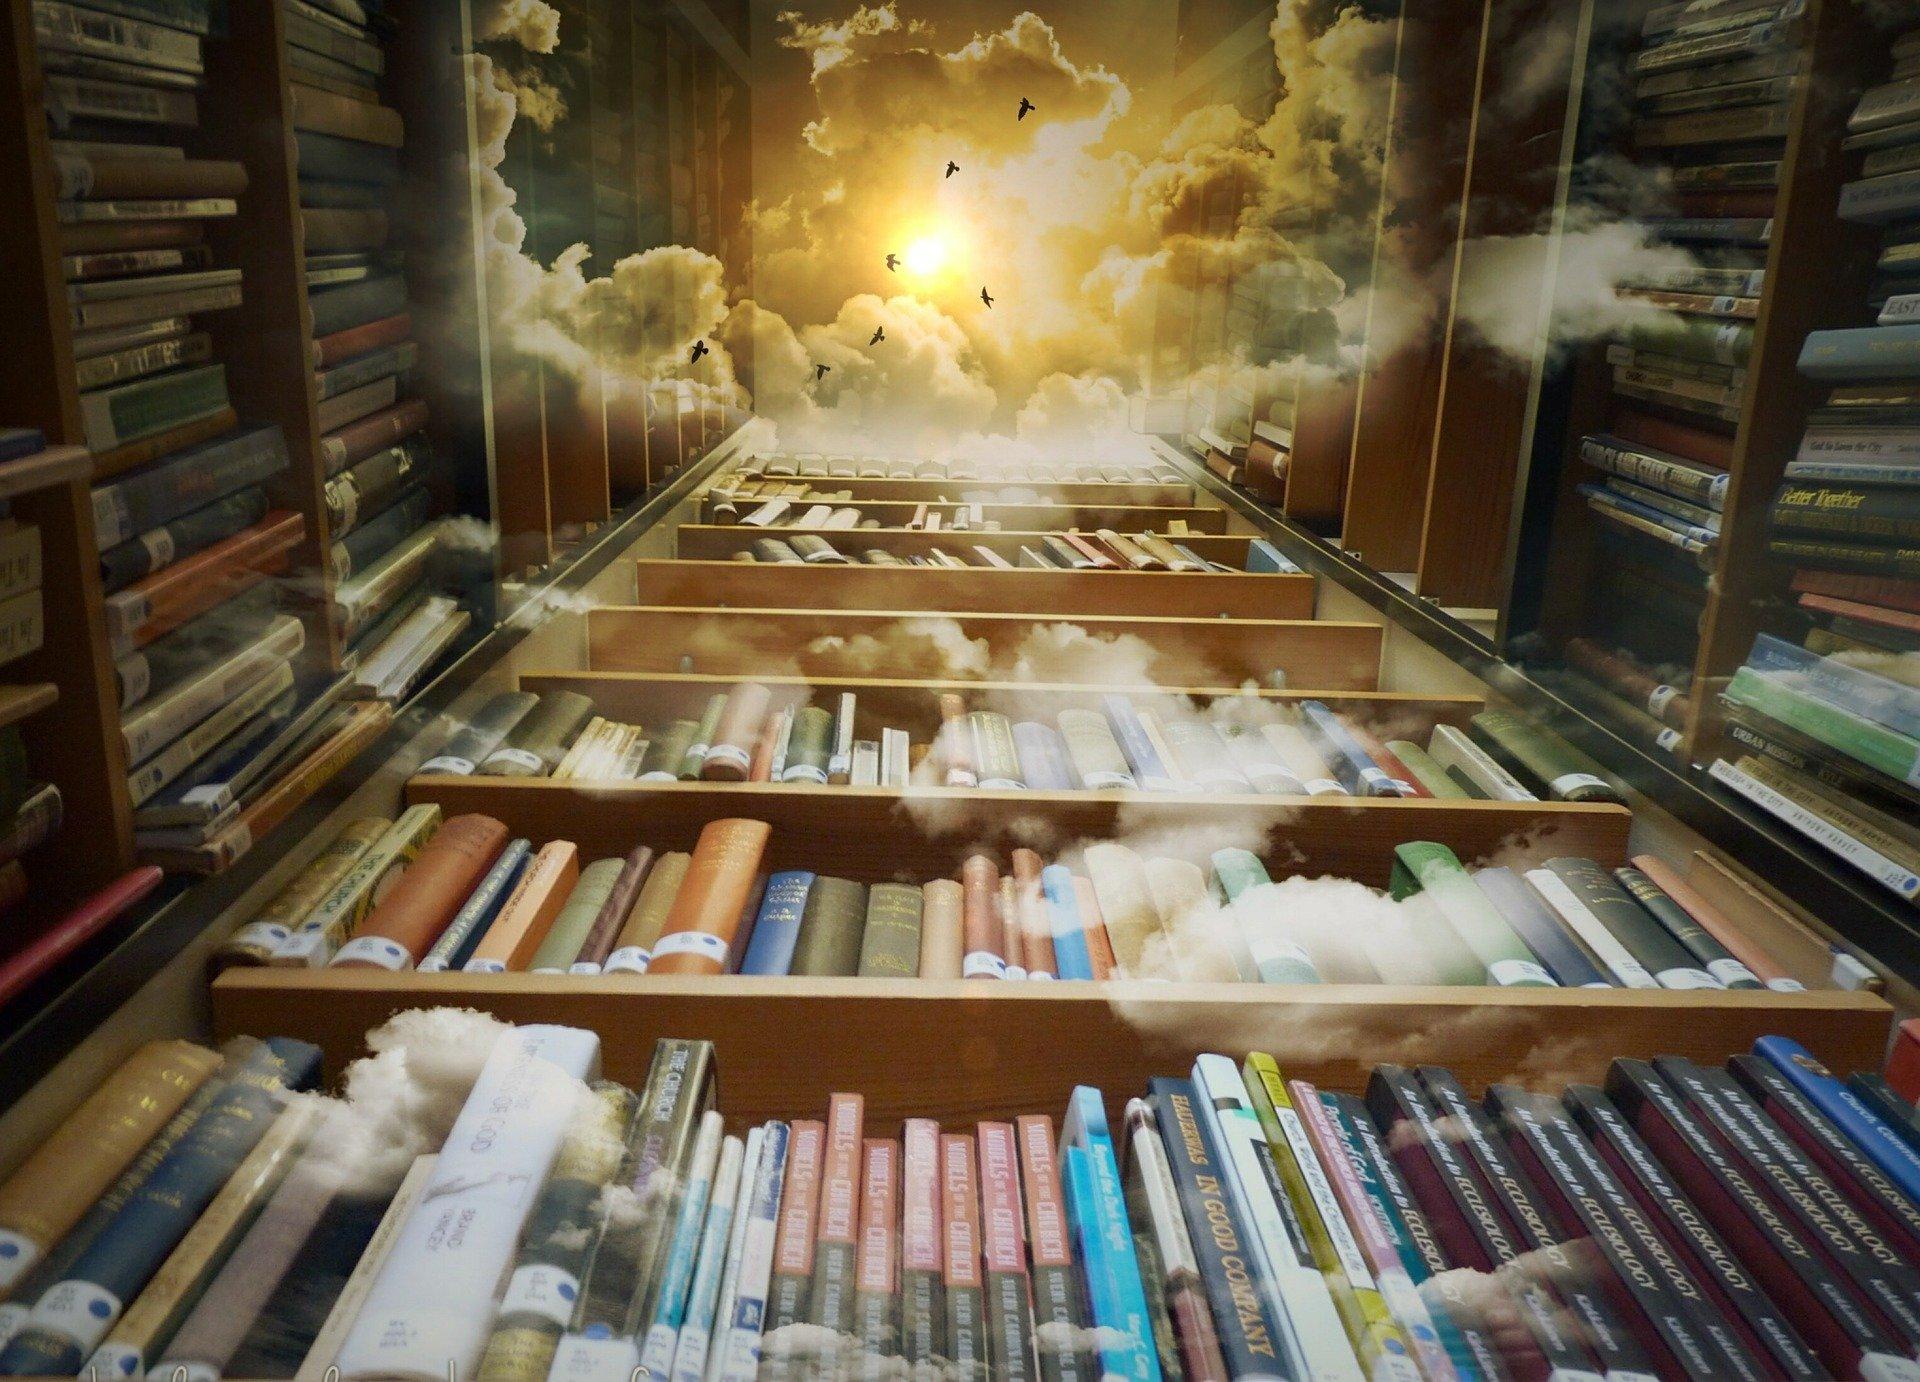 visita una biblioteca virtual el día del libro